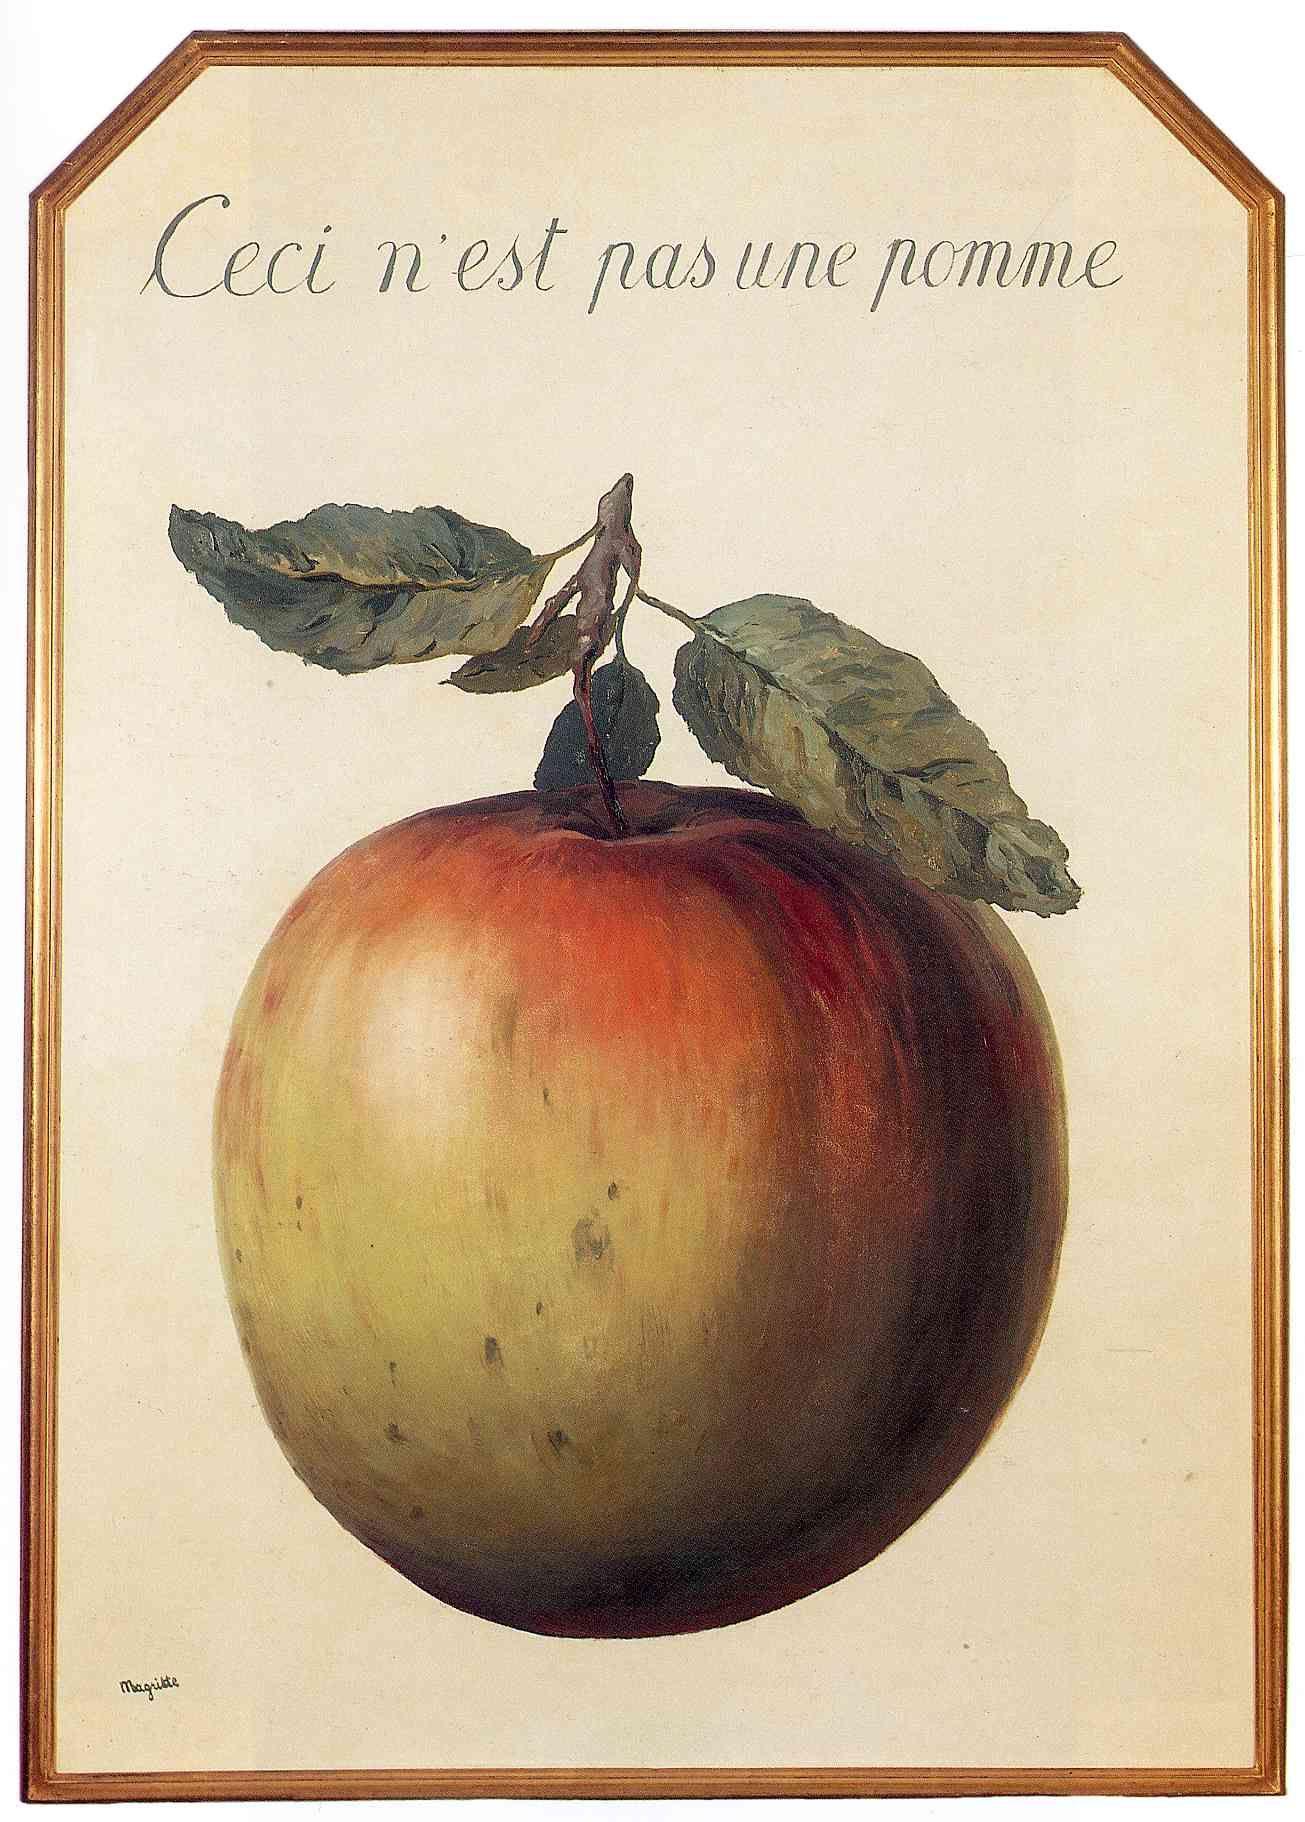 d257fd29338 Ceci n'est pas une pomme (This is Not an Apple) by René Magritte, 1964